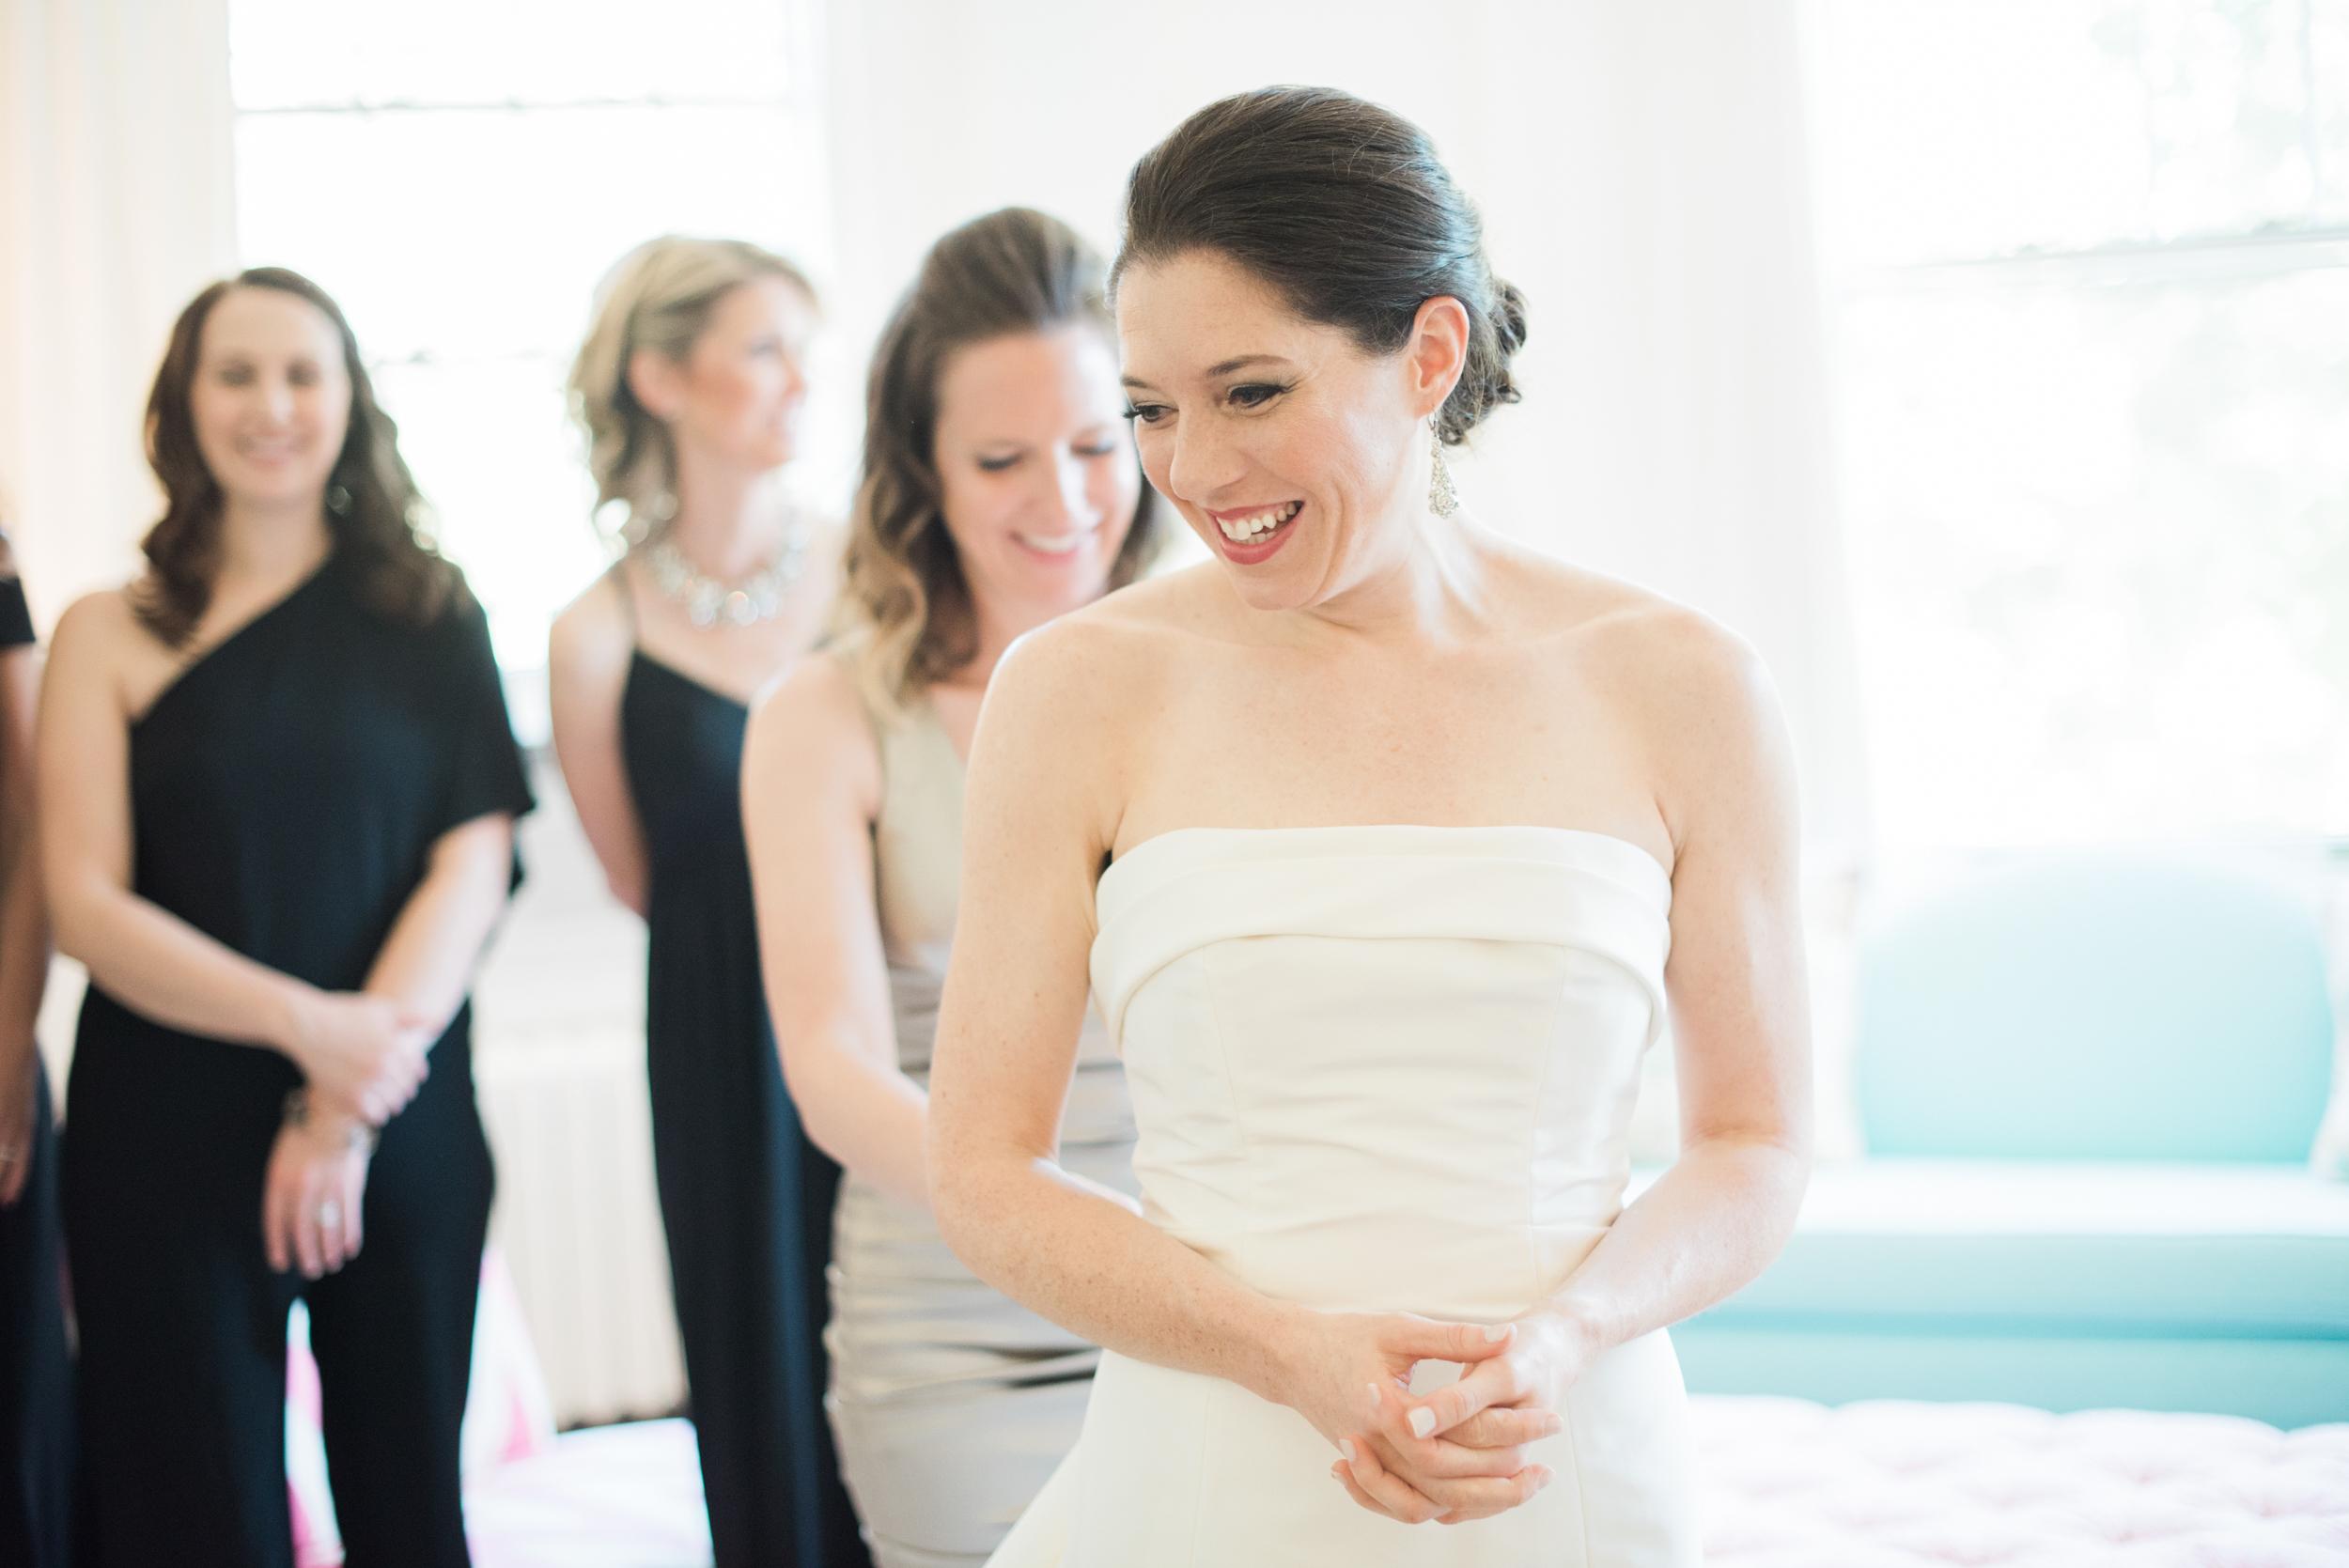 Elegant Weddings in Connecticut